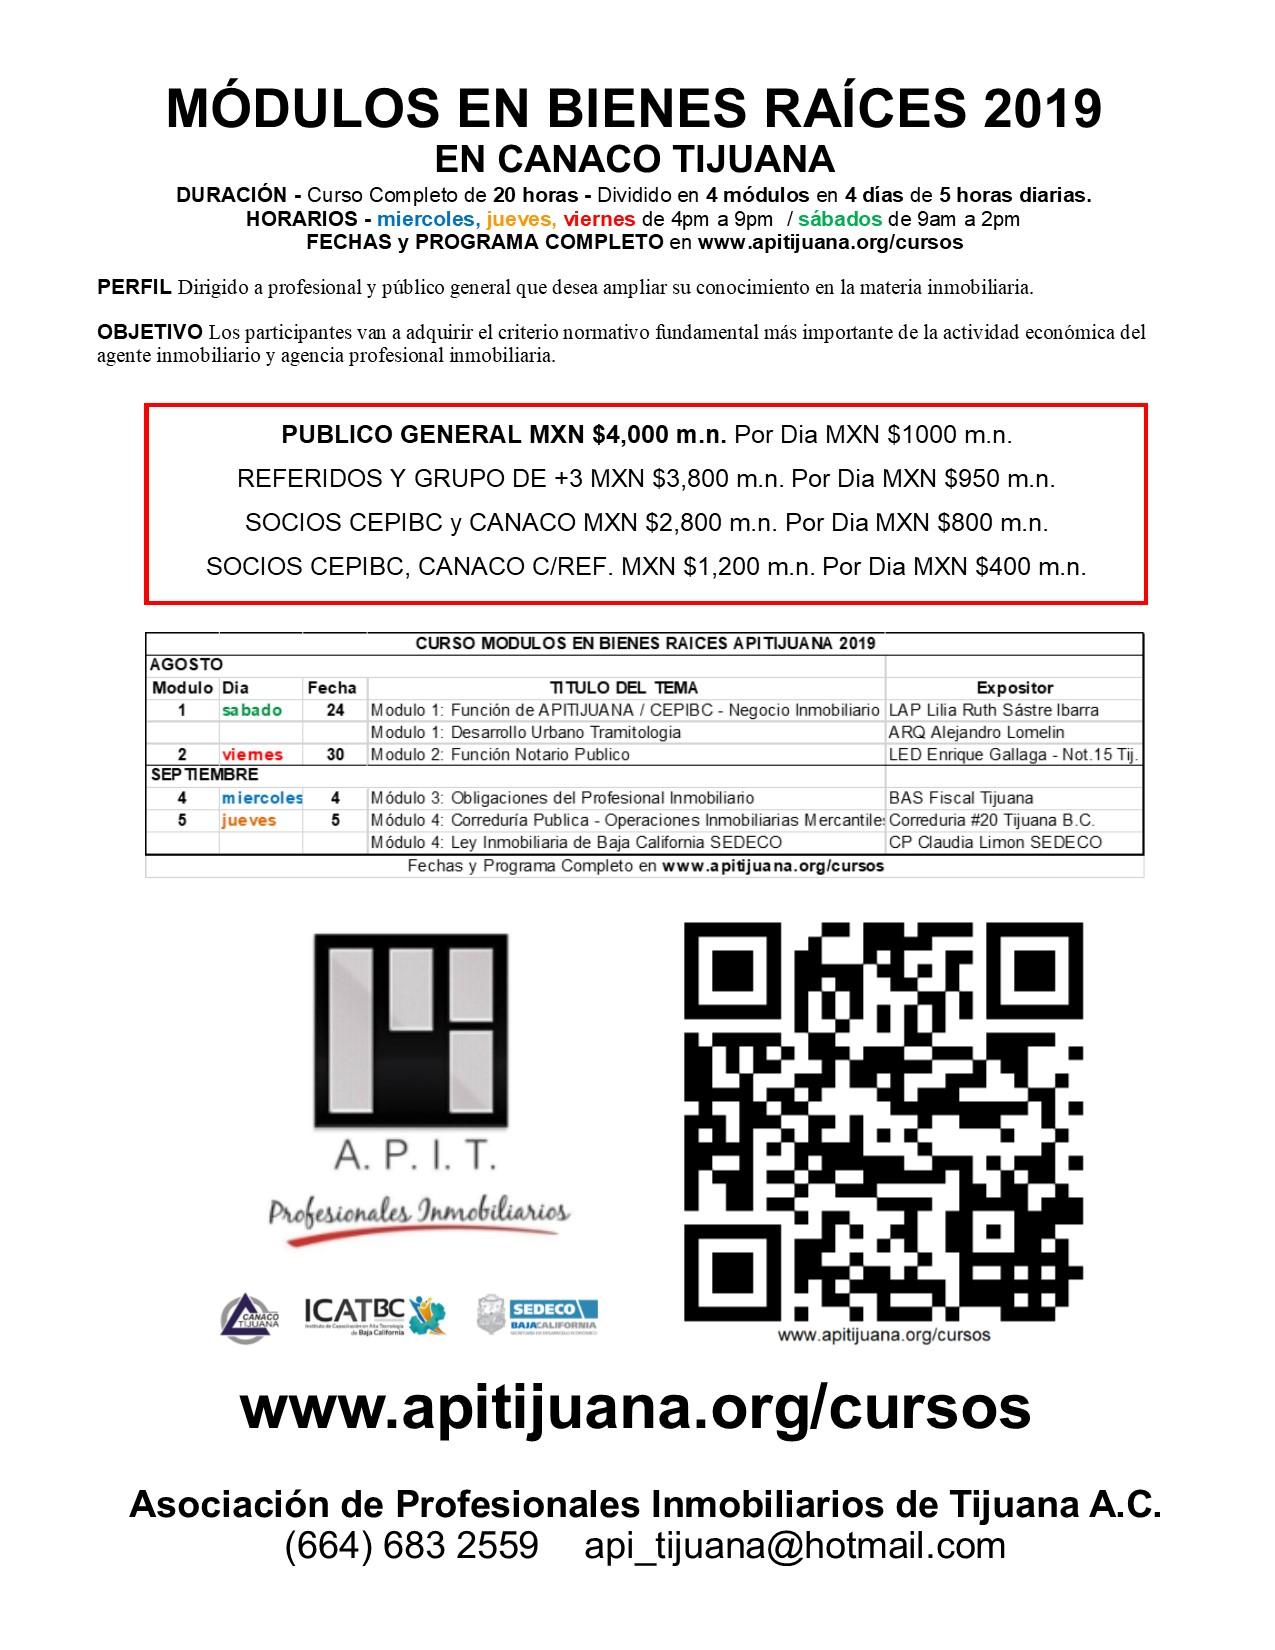 MODULOS_BASICOS_APITIJUANA_201900830.jpg